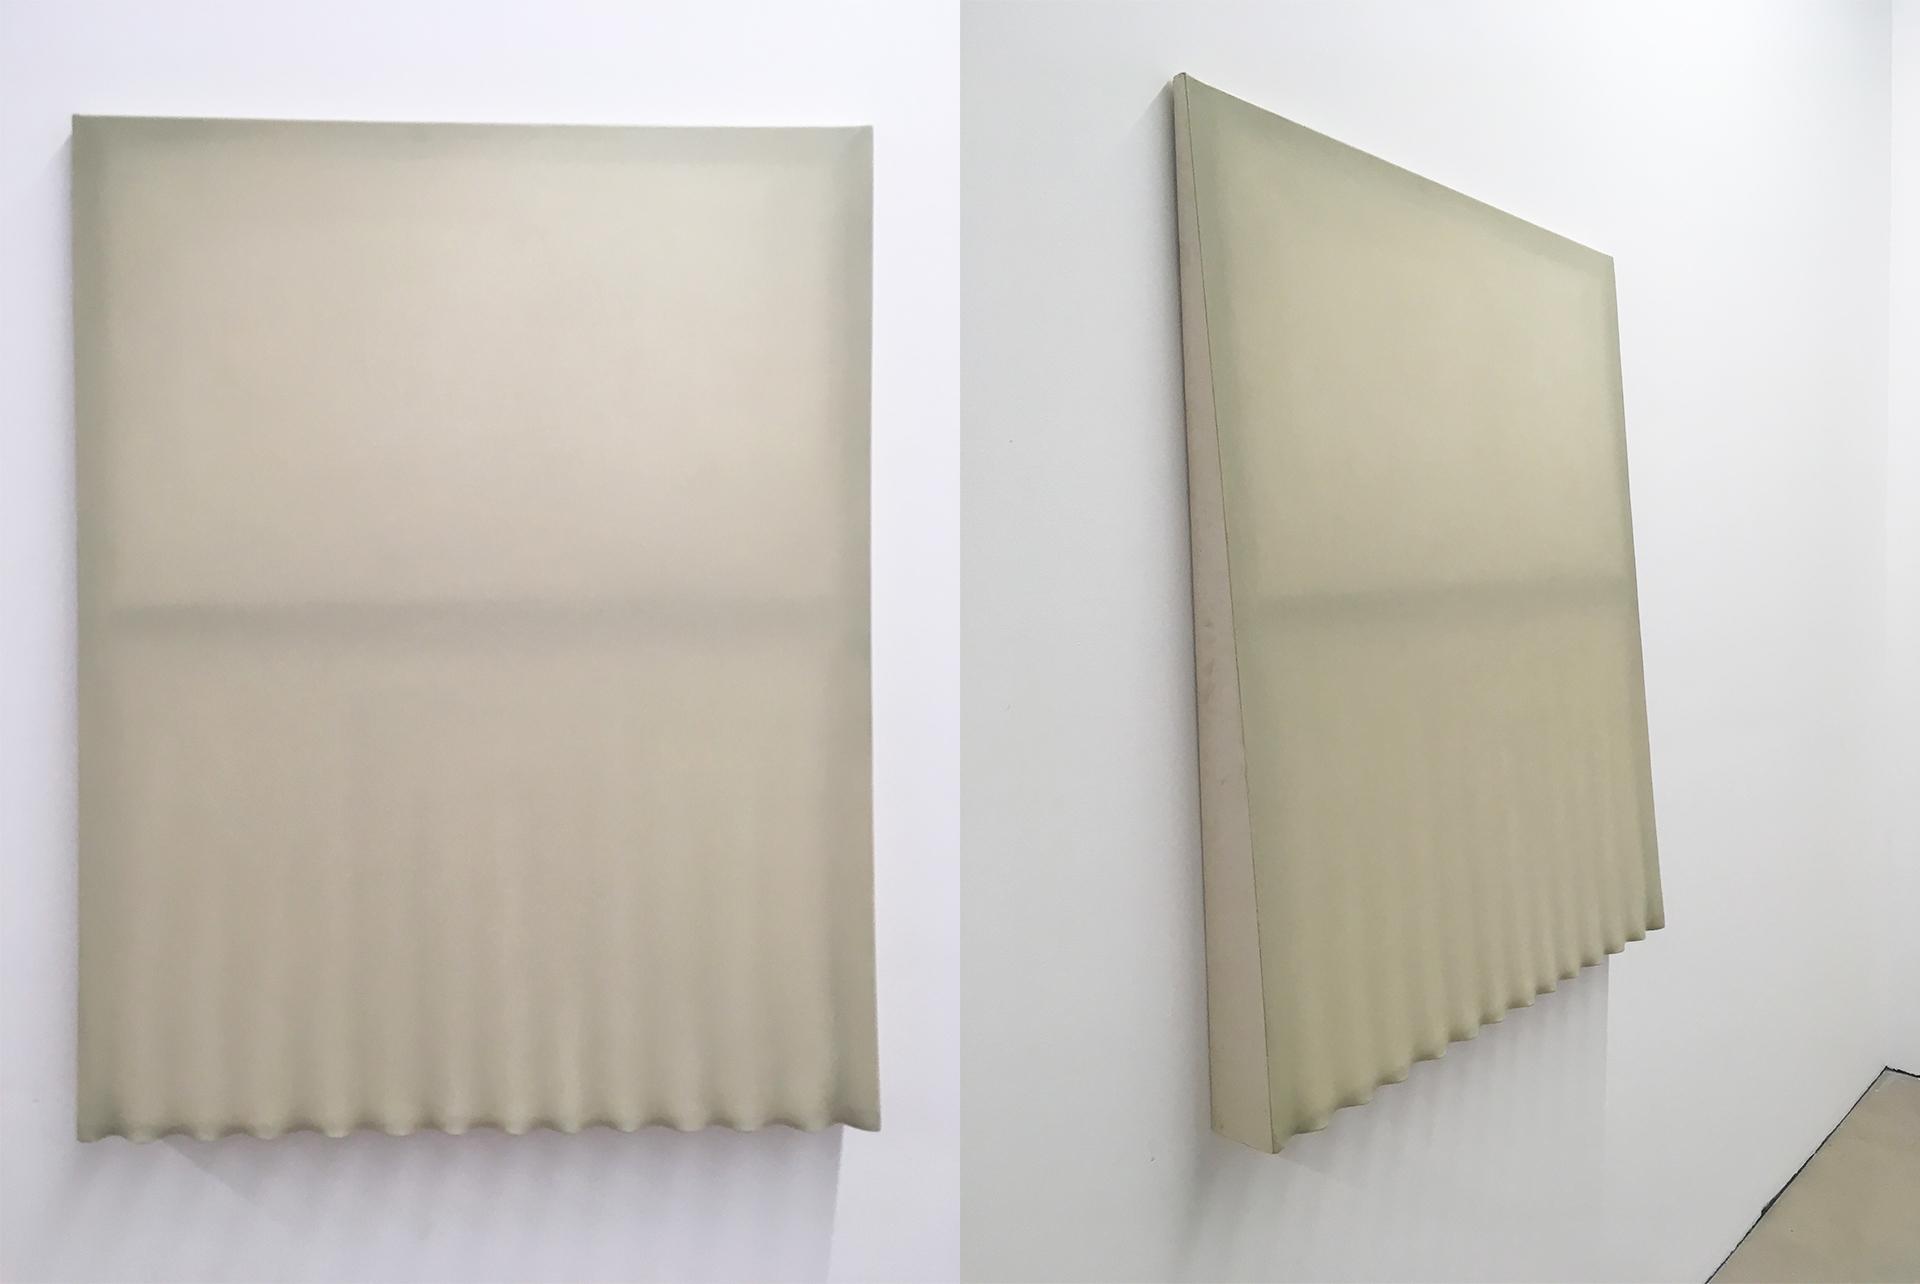 Obraz przedstawia dwa ujęcia pracy znanej artystki.